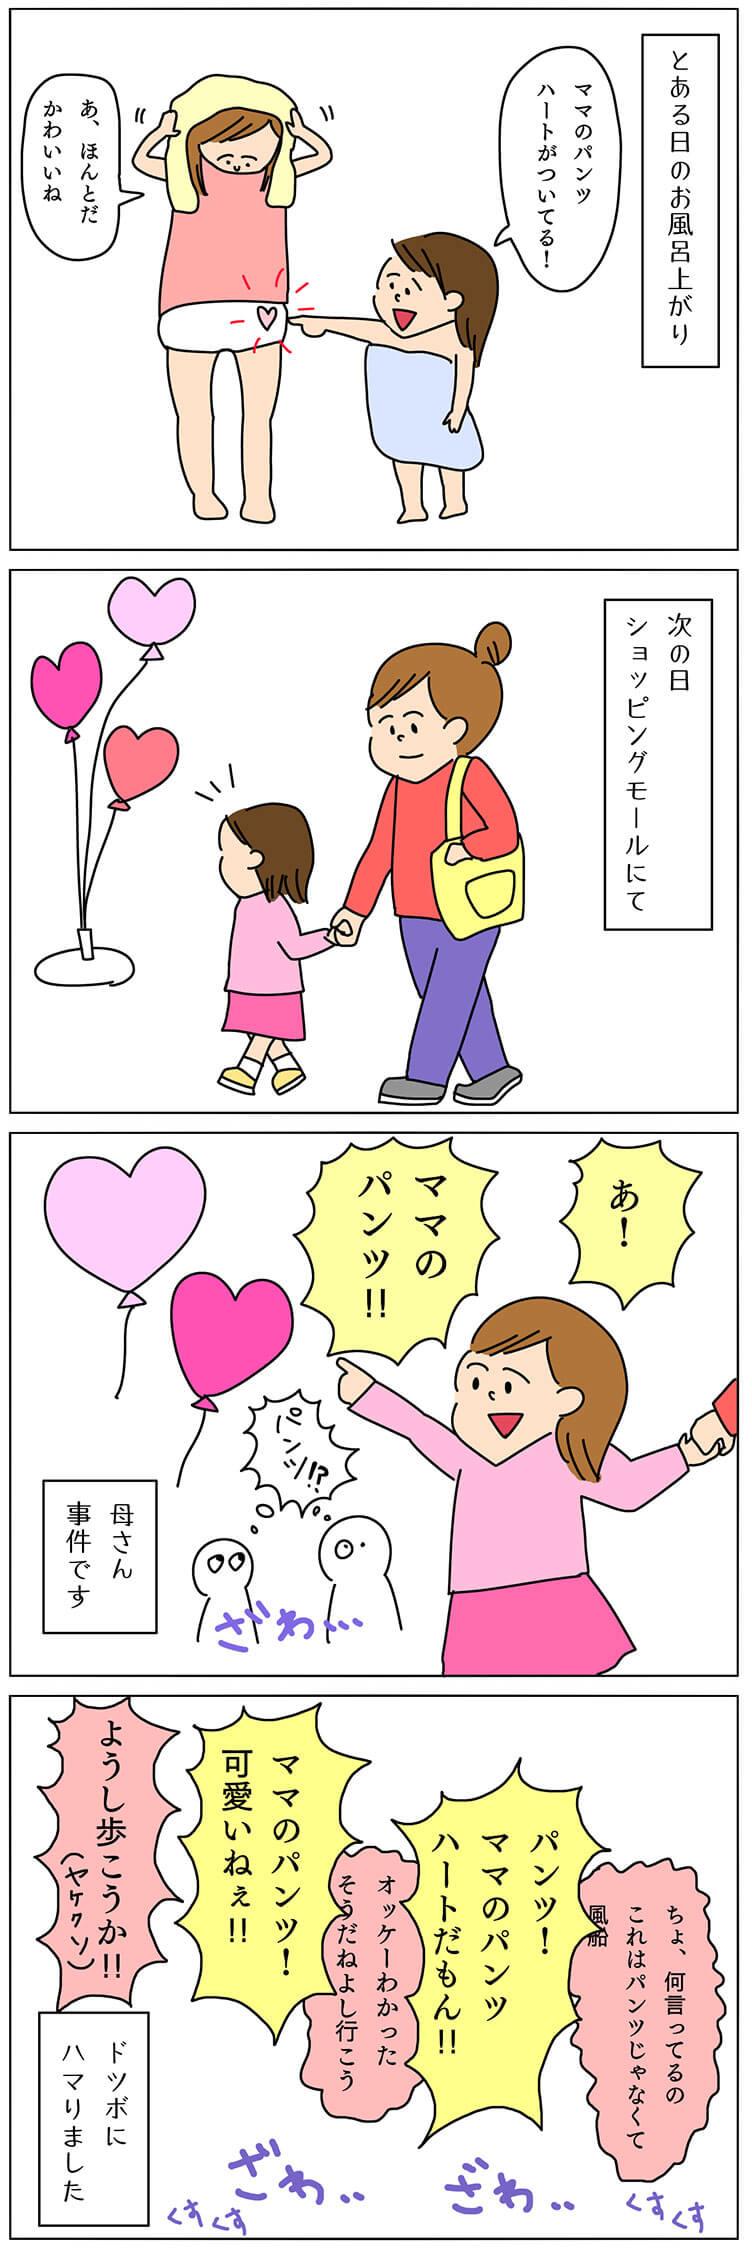 子供の一言の子育て4コマ漫画